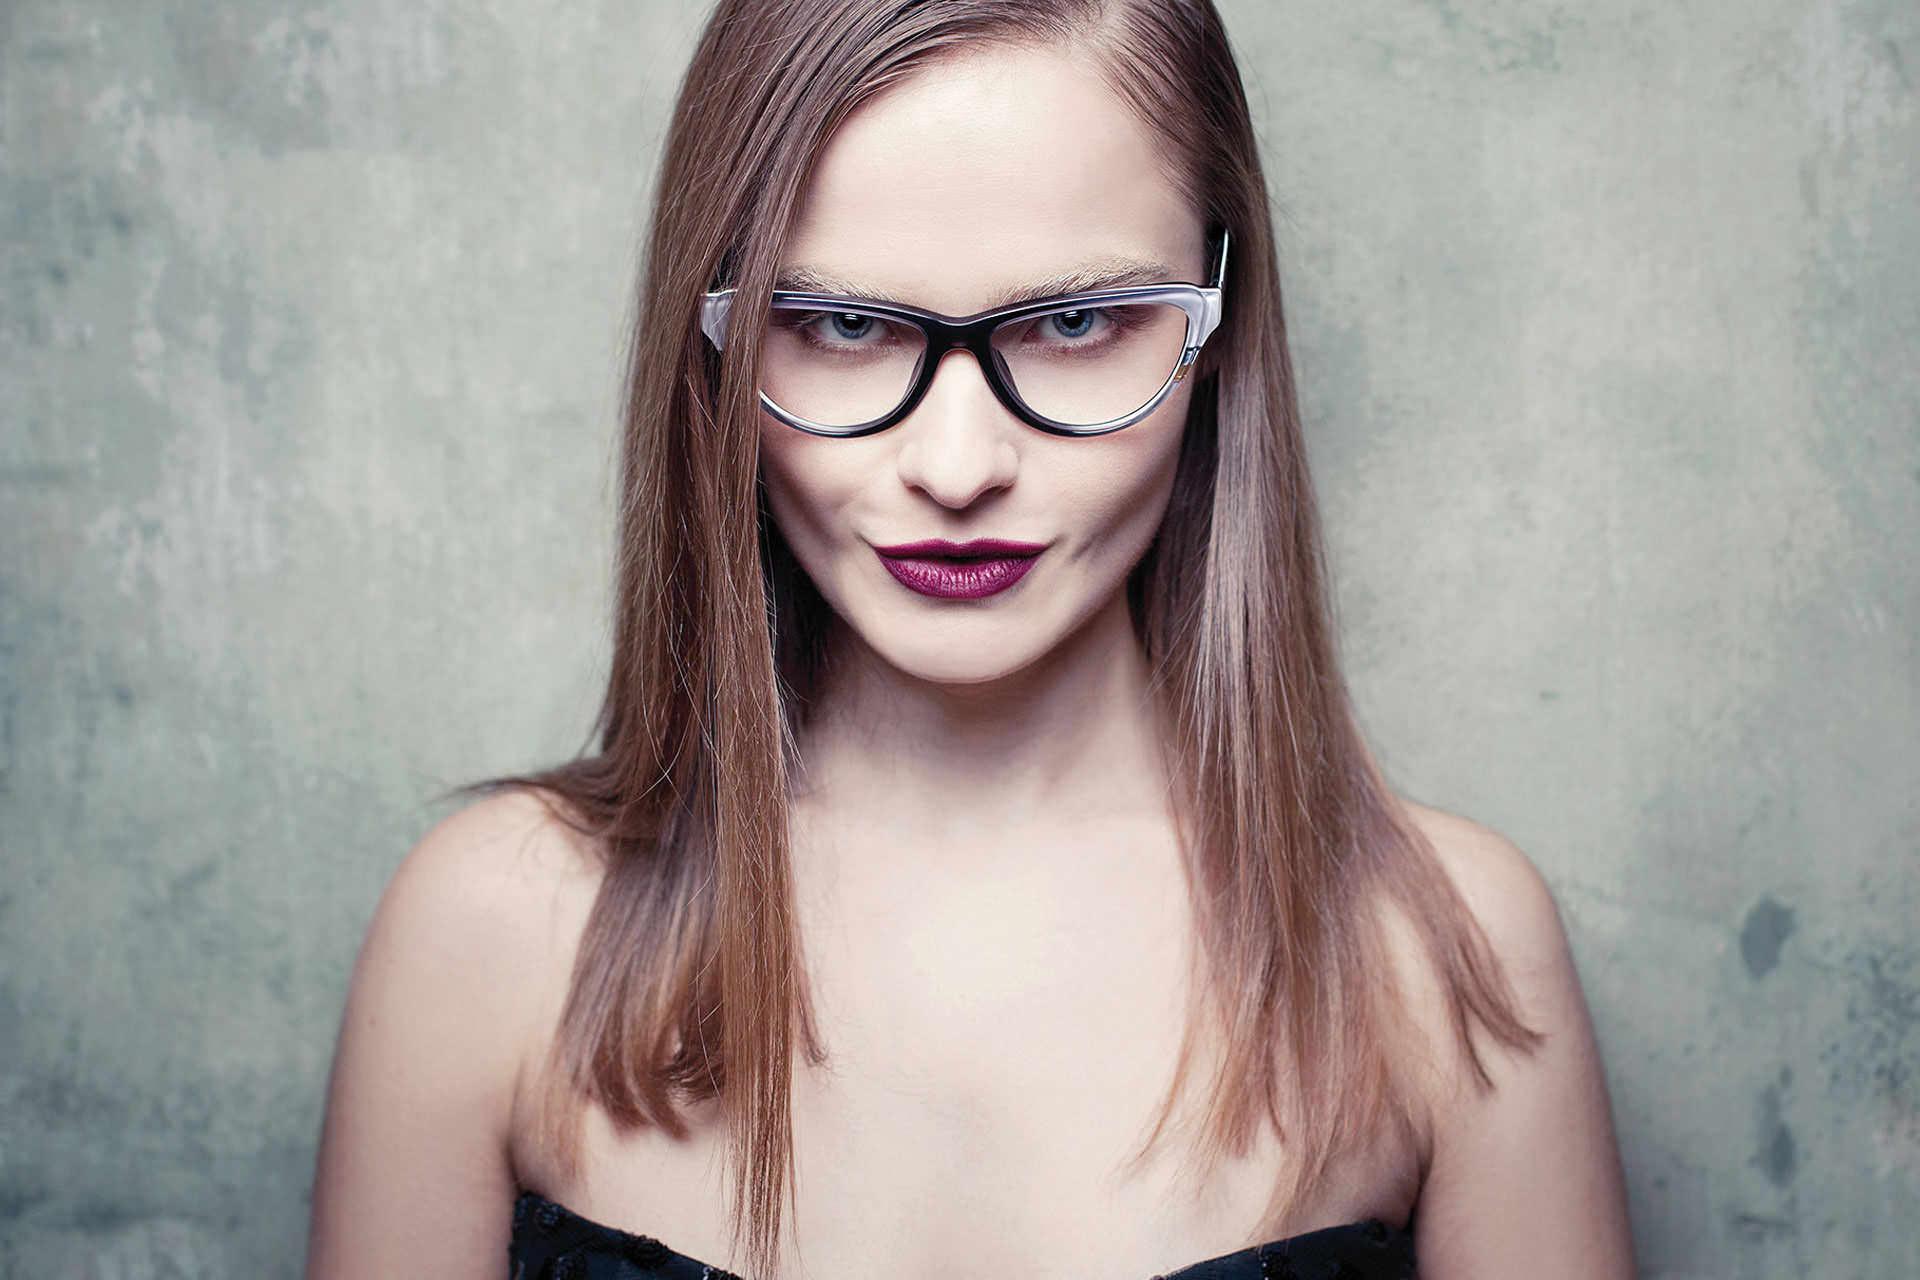 optiker mit g nstigen brillen direkt vom hersteller brillenfabrik. Black Bedroom Furniture Sets. Home Design Ideas